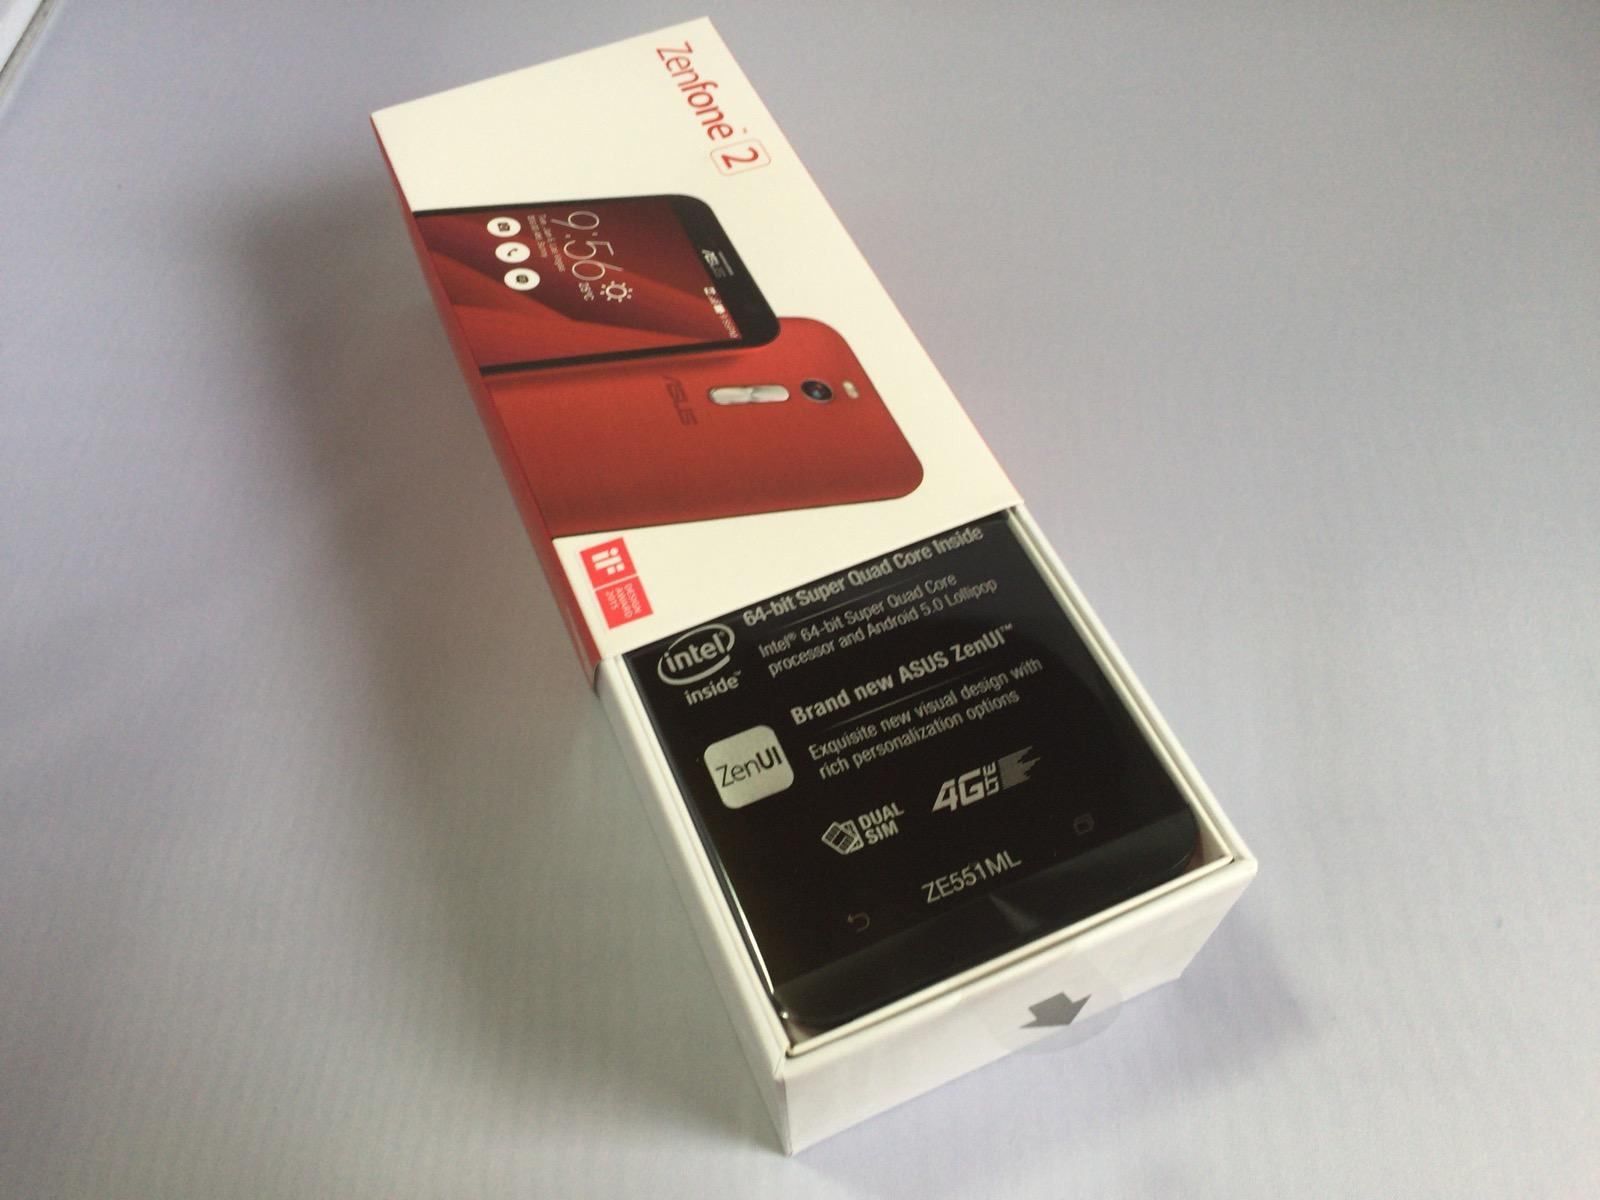 Zenfone 2を開封している様子